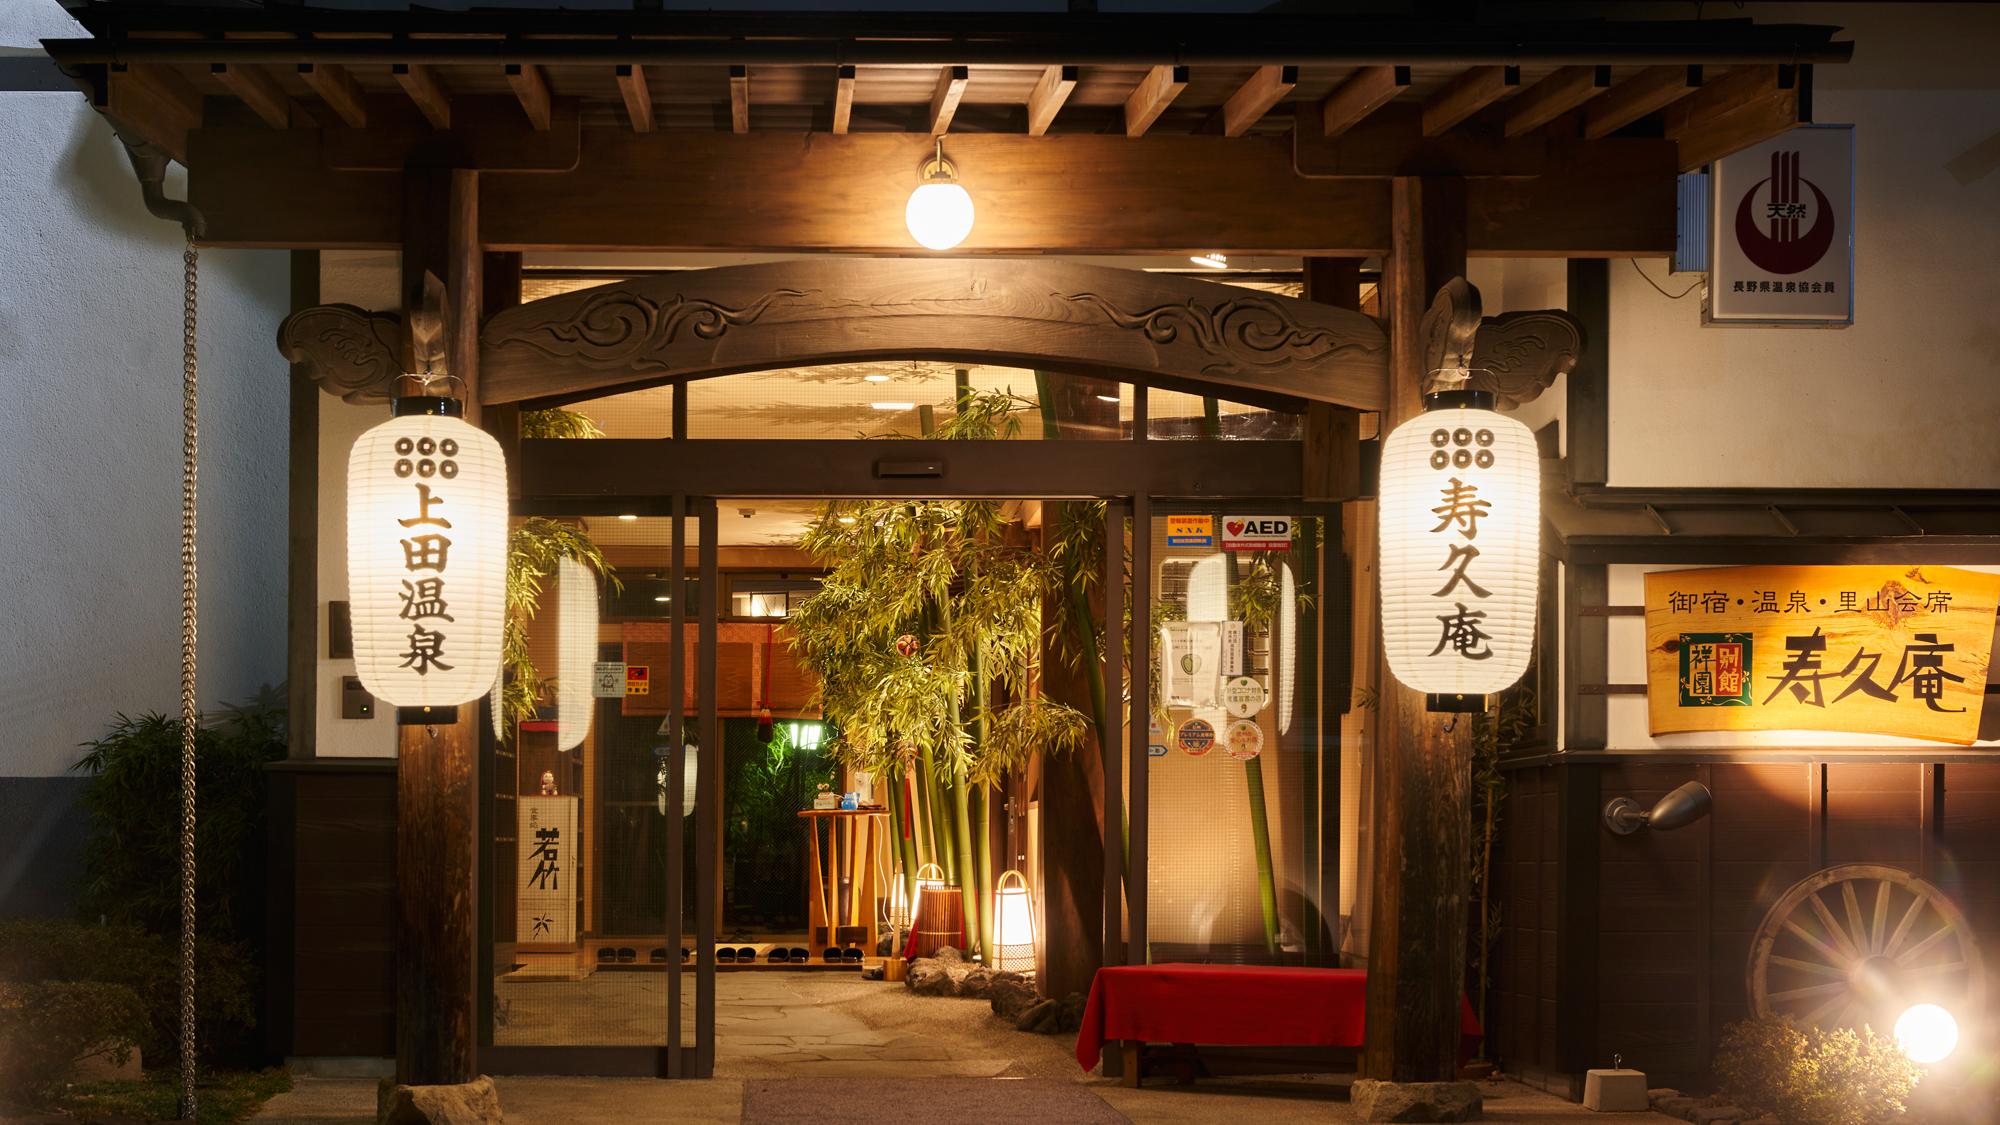 上田温泉 ホテル祥園 その1